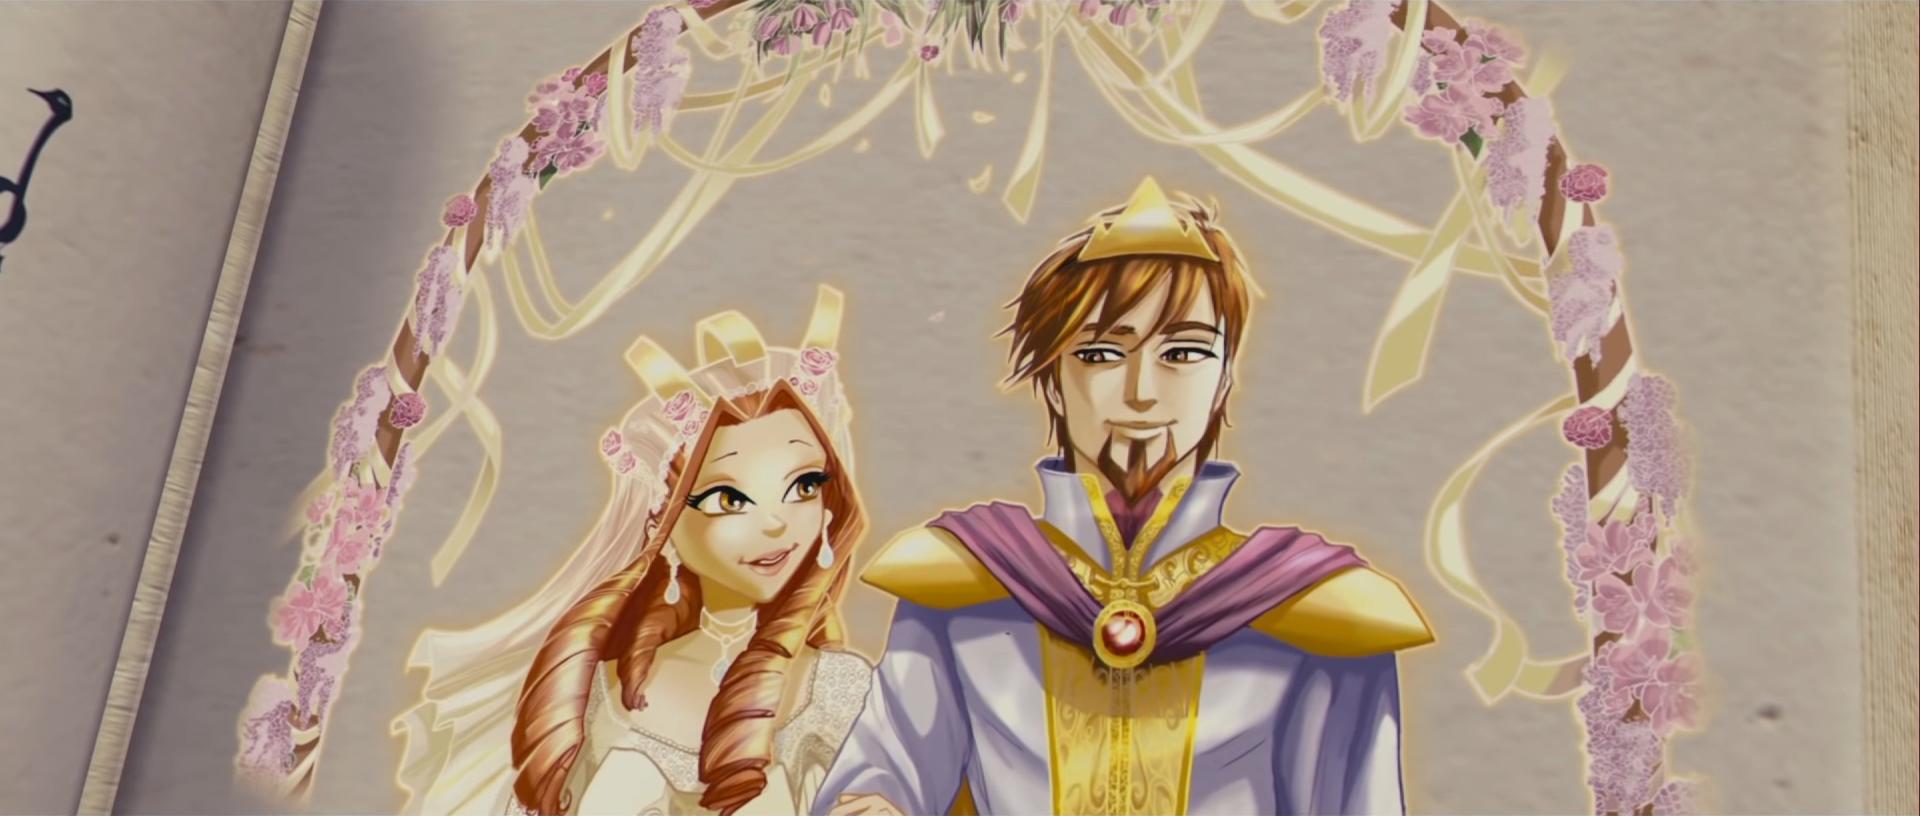 Oritel und Marions Hochzeit im Buch des Schicksals 02.png